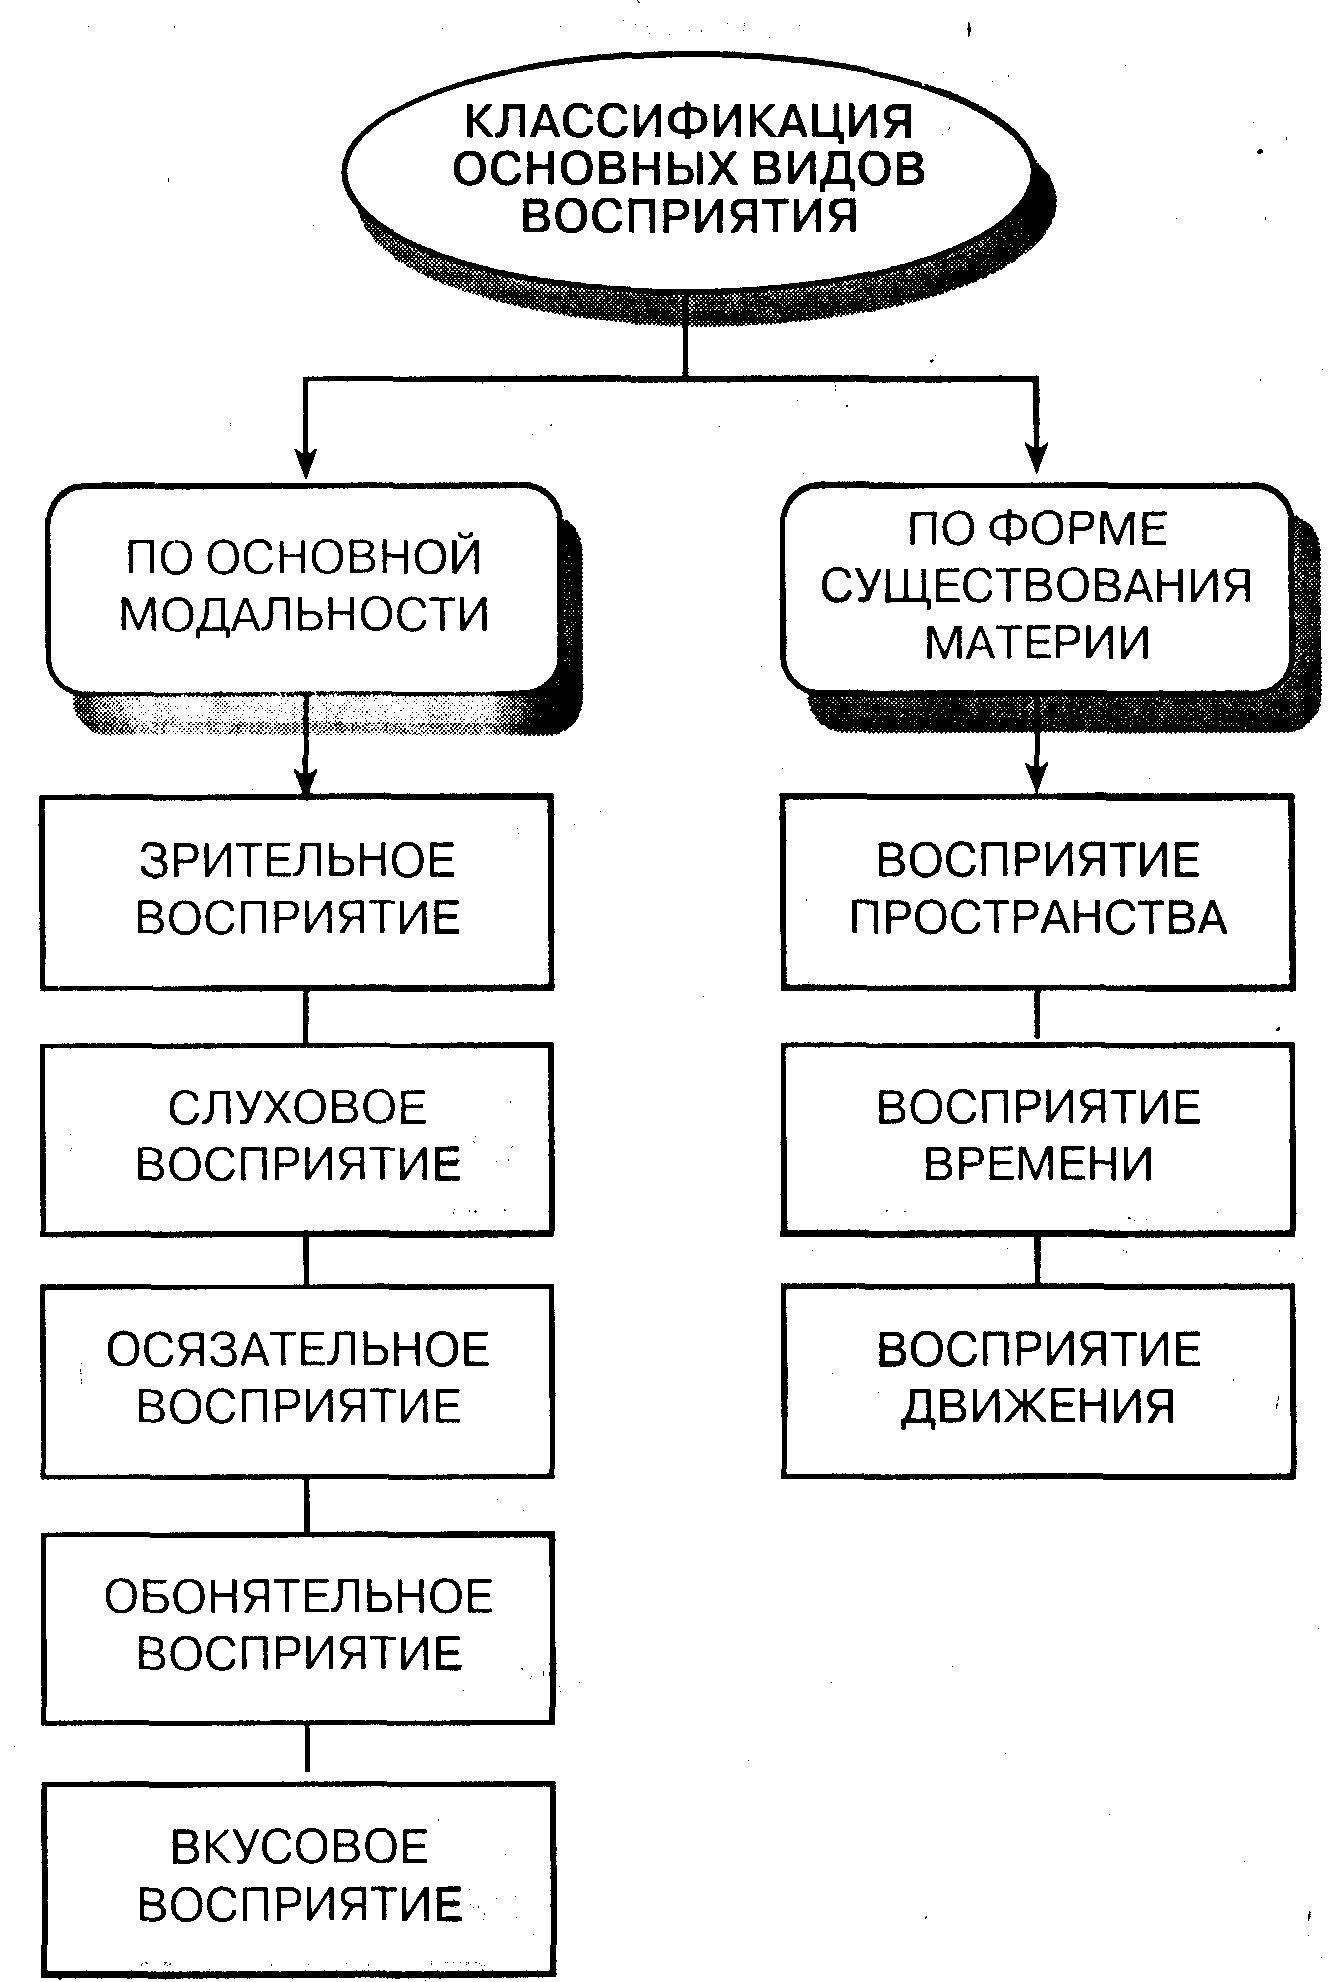 этапы восприятия геометрических фигур сравнение фигур с известными